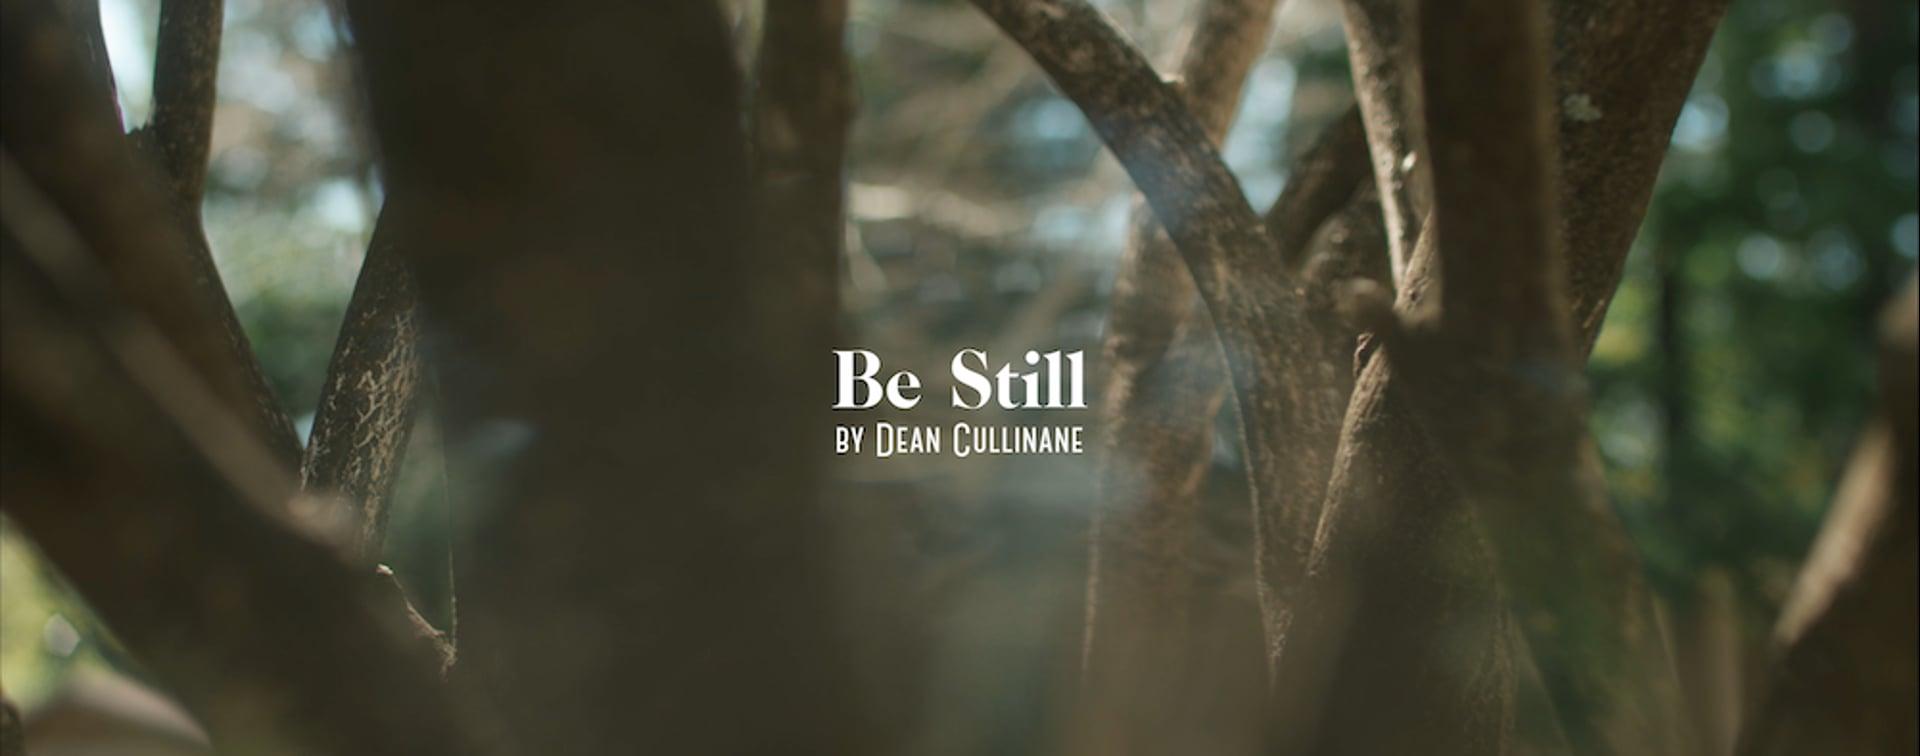 Be Still | Dean Cullinane